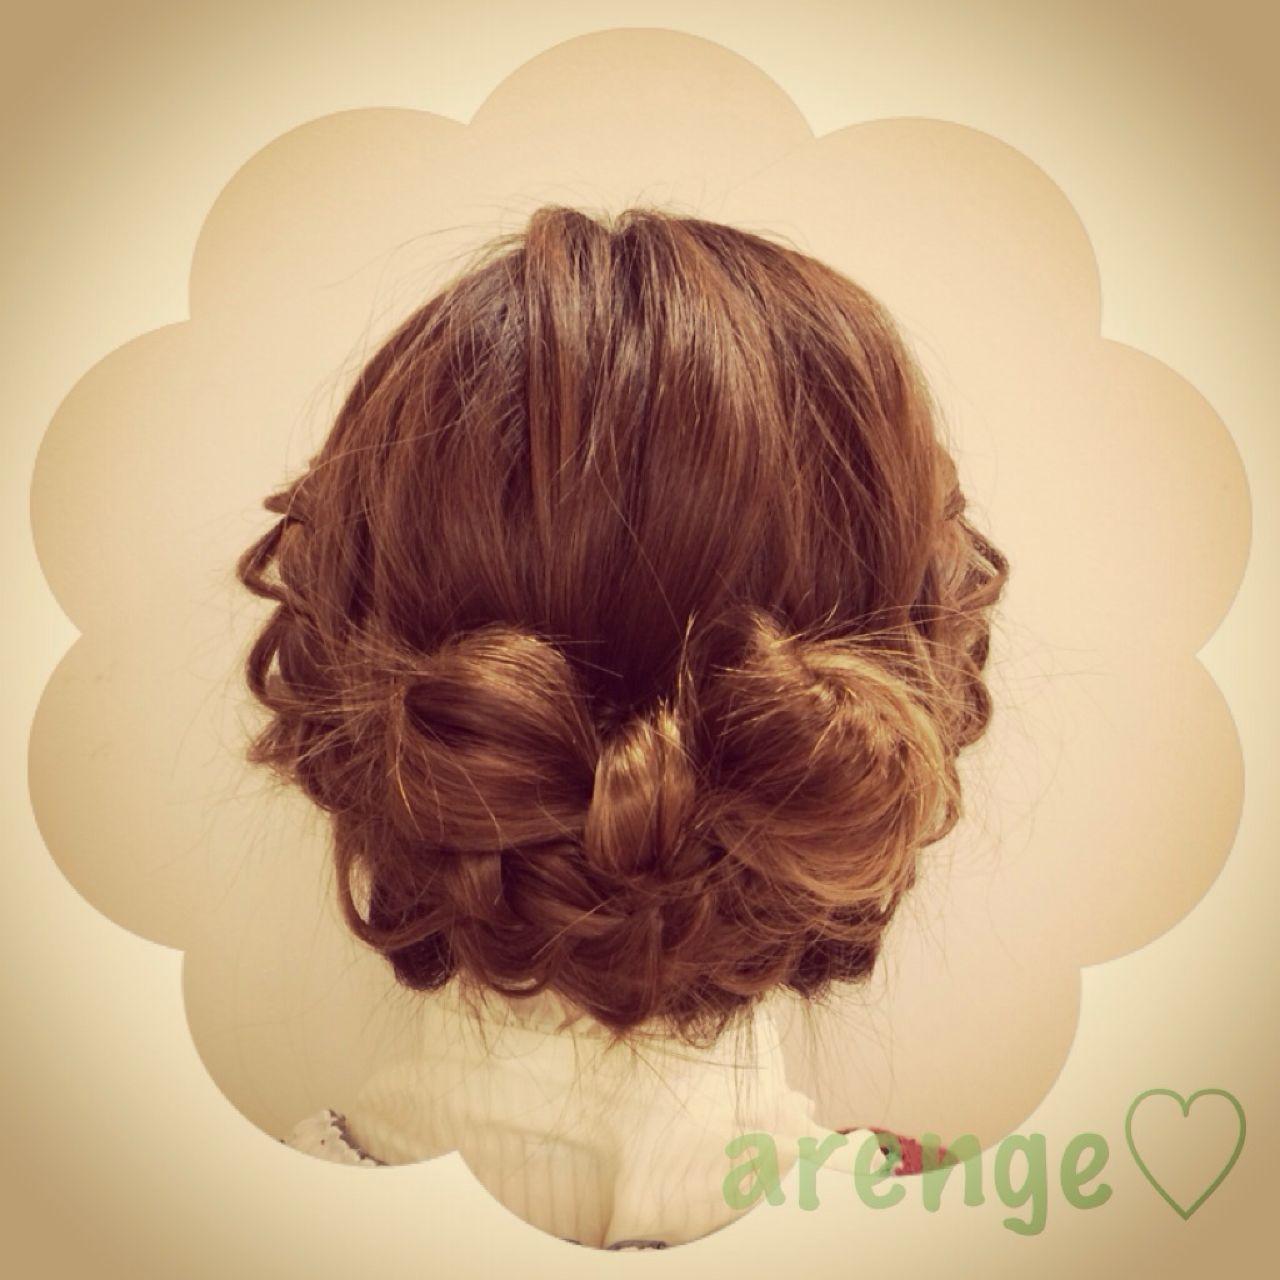 モテ髪 アップスタイル コンサバ ヘアアレンジ ヘアスタイルや髪型の写真・画像